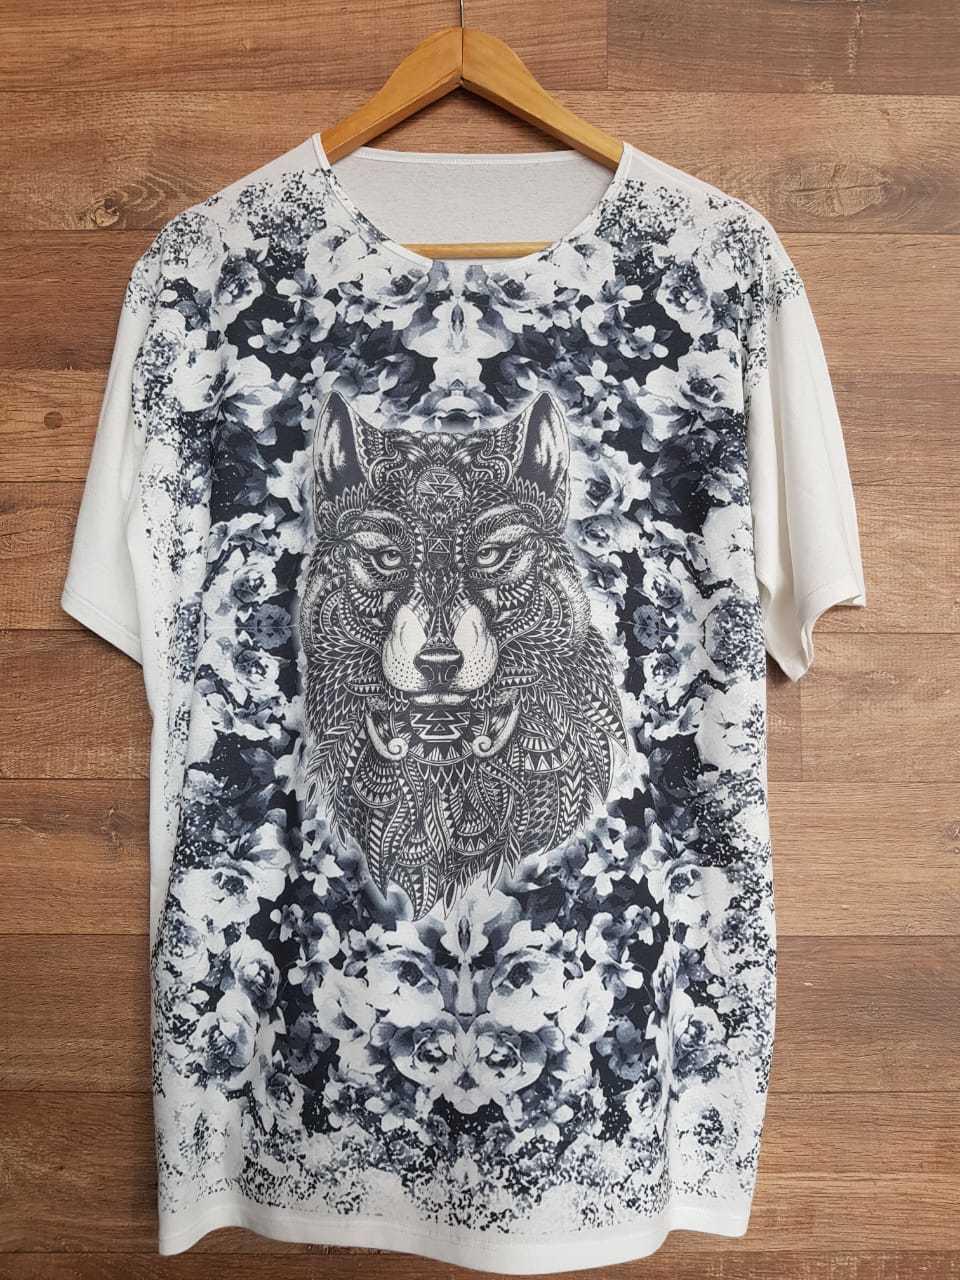 Camiseta Lobo Místico com fundo em tons de cinza